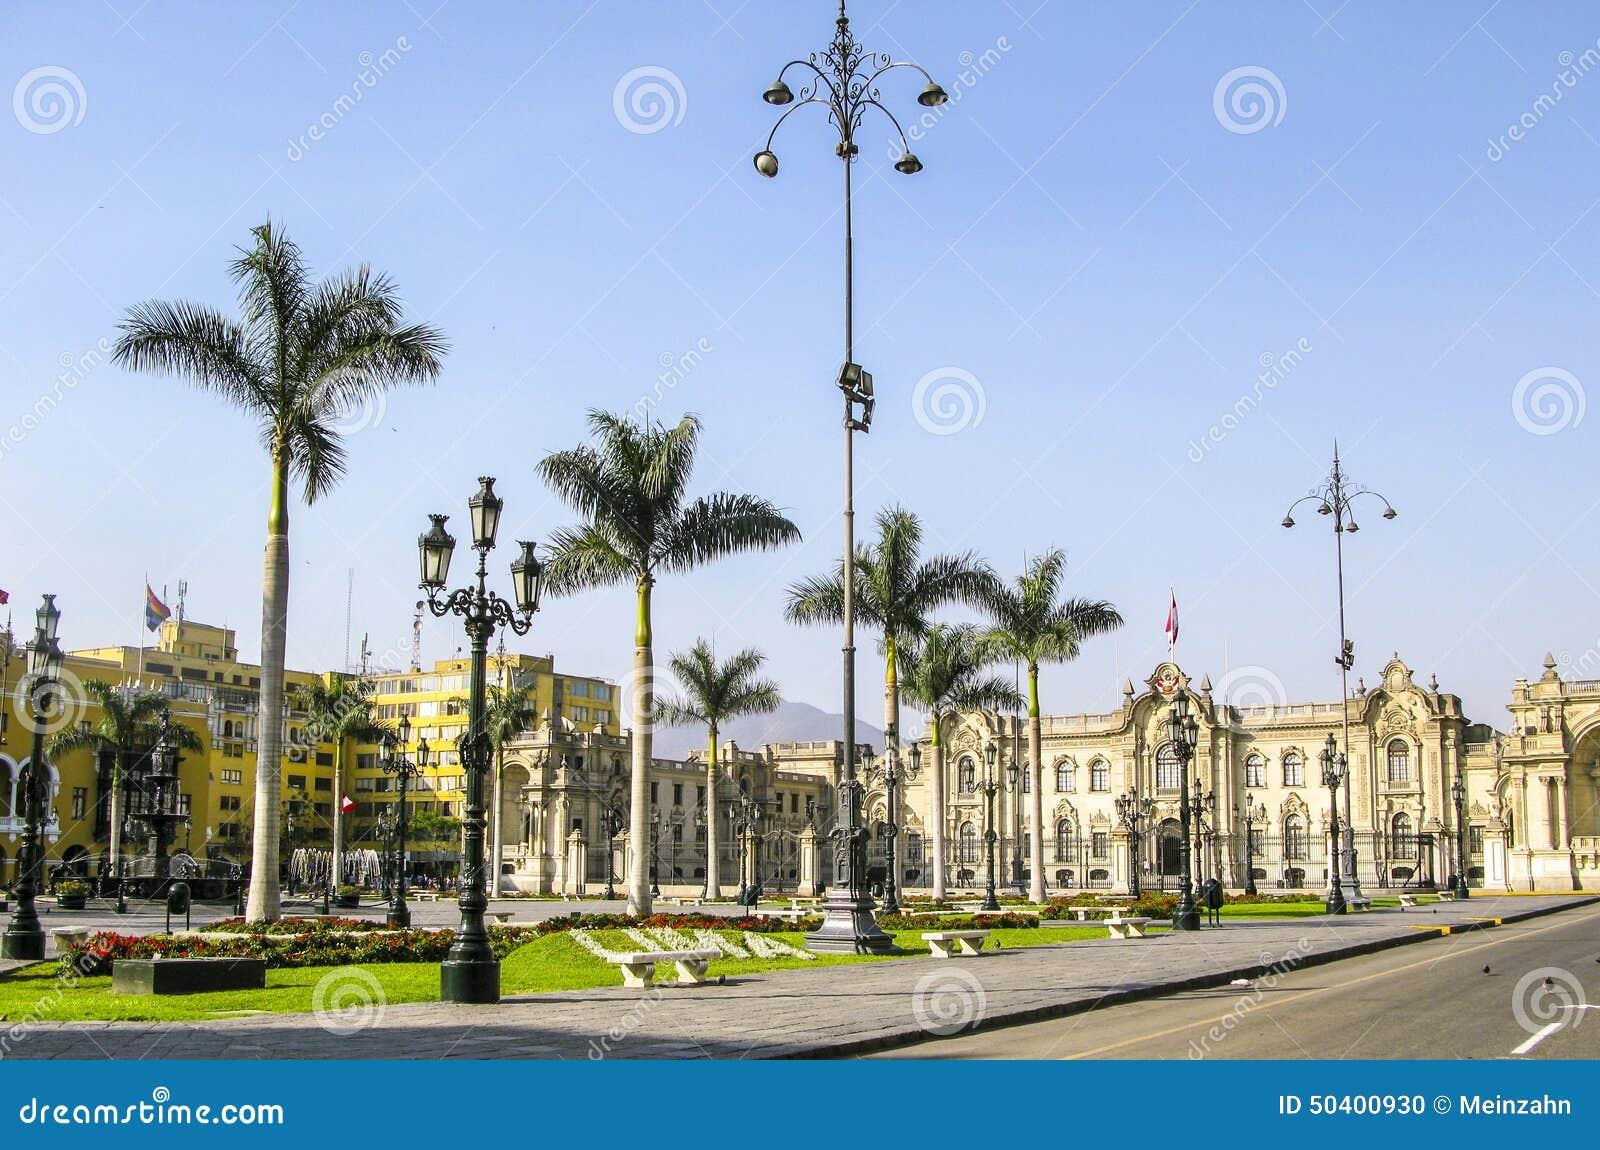 Palácio do governo em Plaza de Armas em Lima, Peru